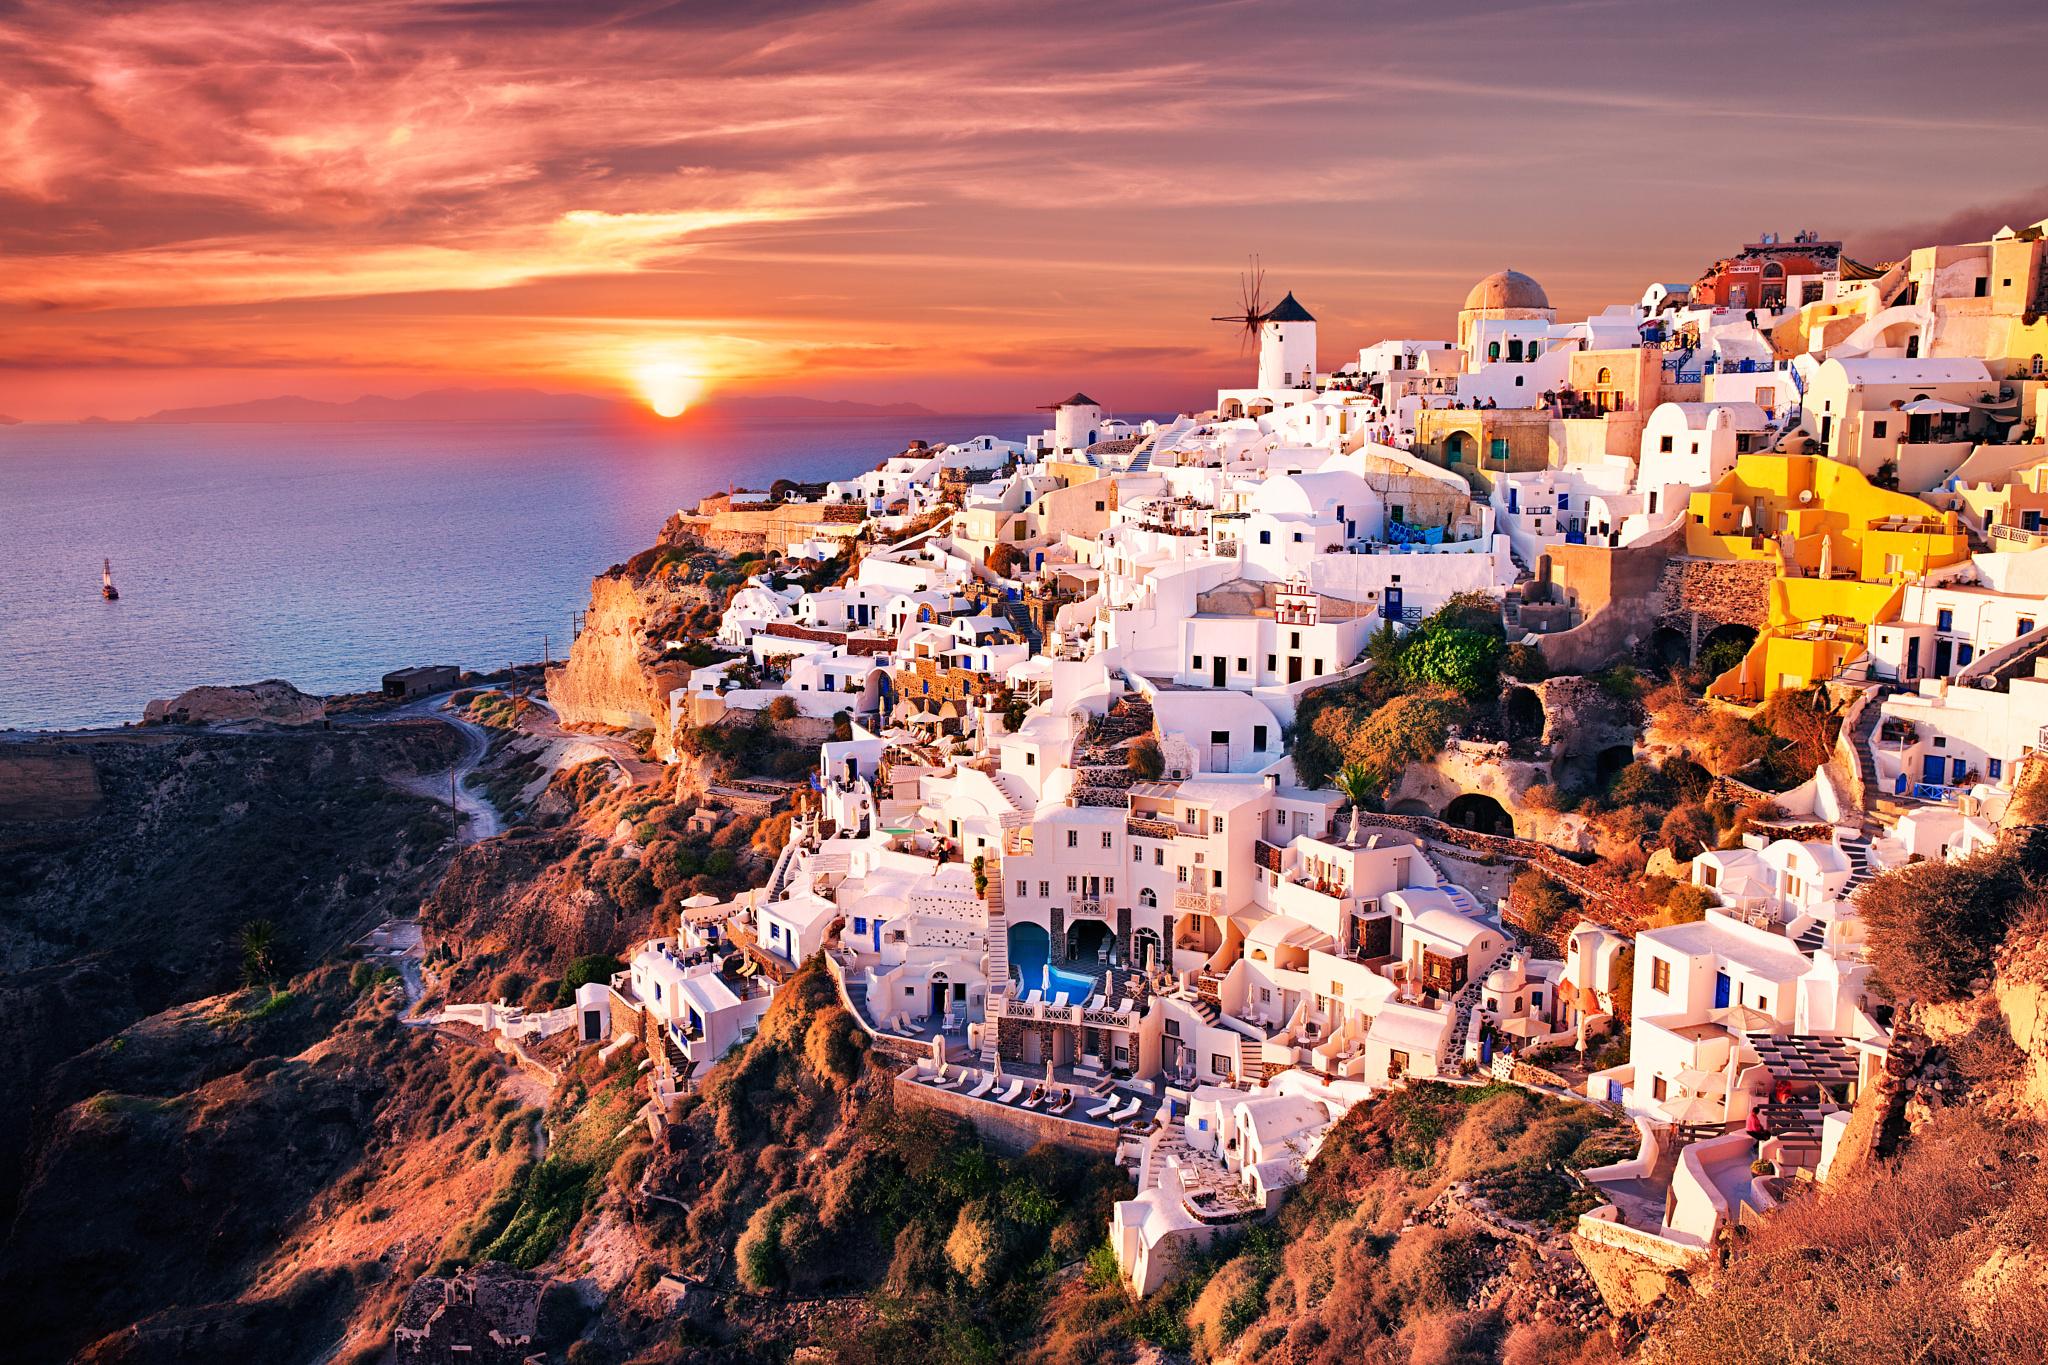 Santorini greece full hd wallpaper and background image for Sfondi spettacolari hd